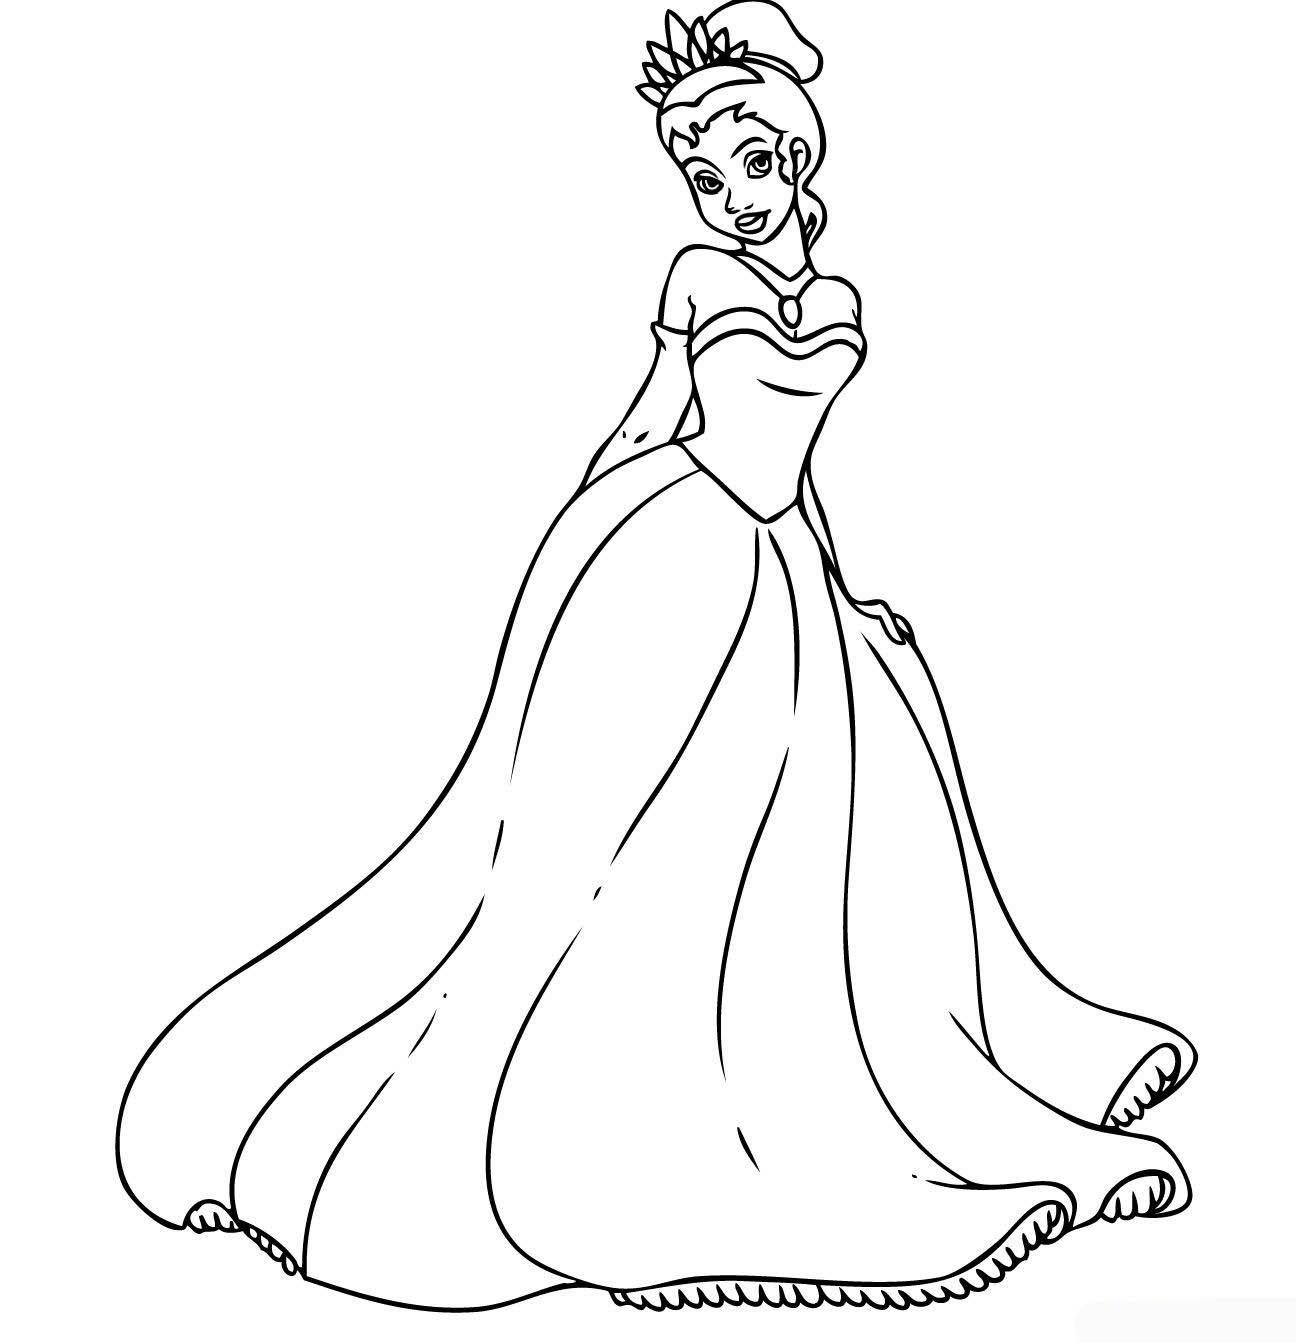 Disney princess disney princess tiana coloring pages to girls tea